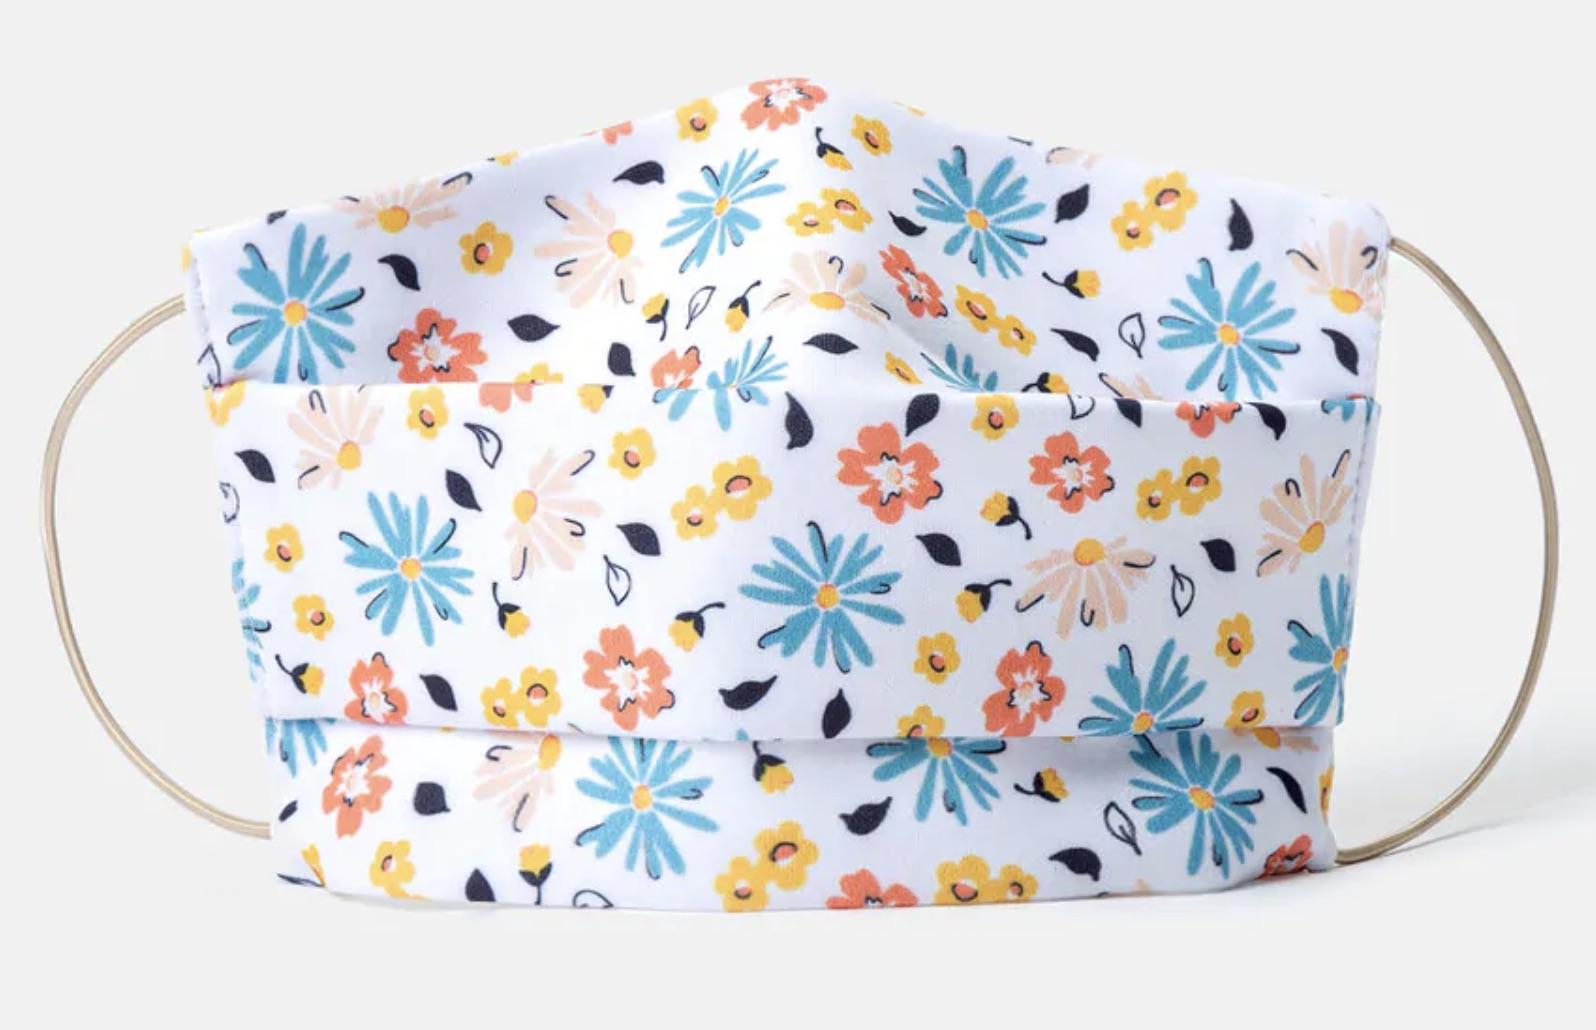 Mascarilla higiénica de tela lavable y reutilizable con estampado floral multicolor.